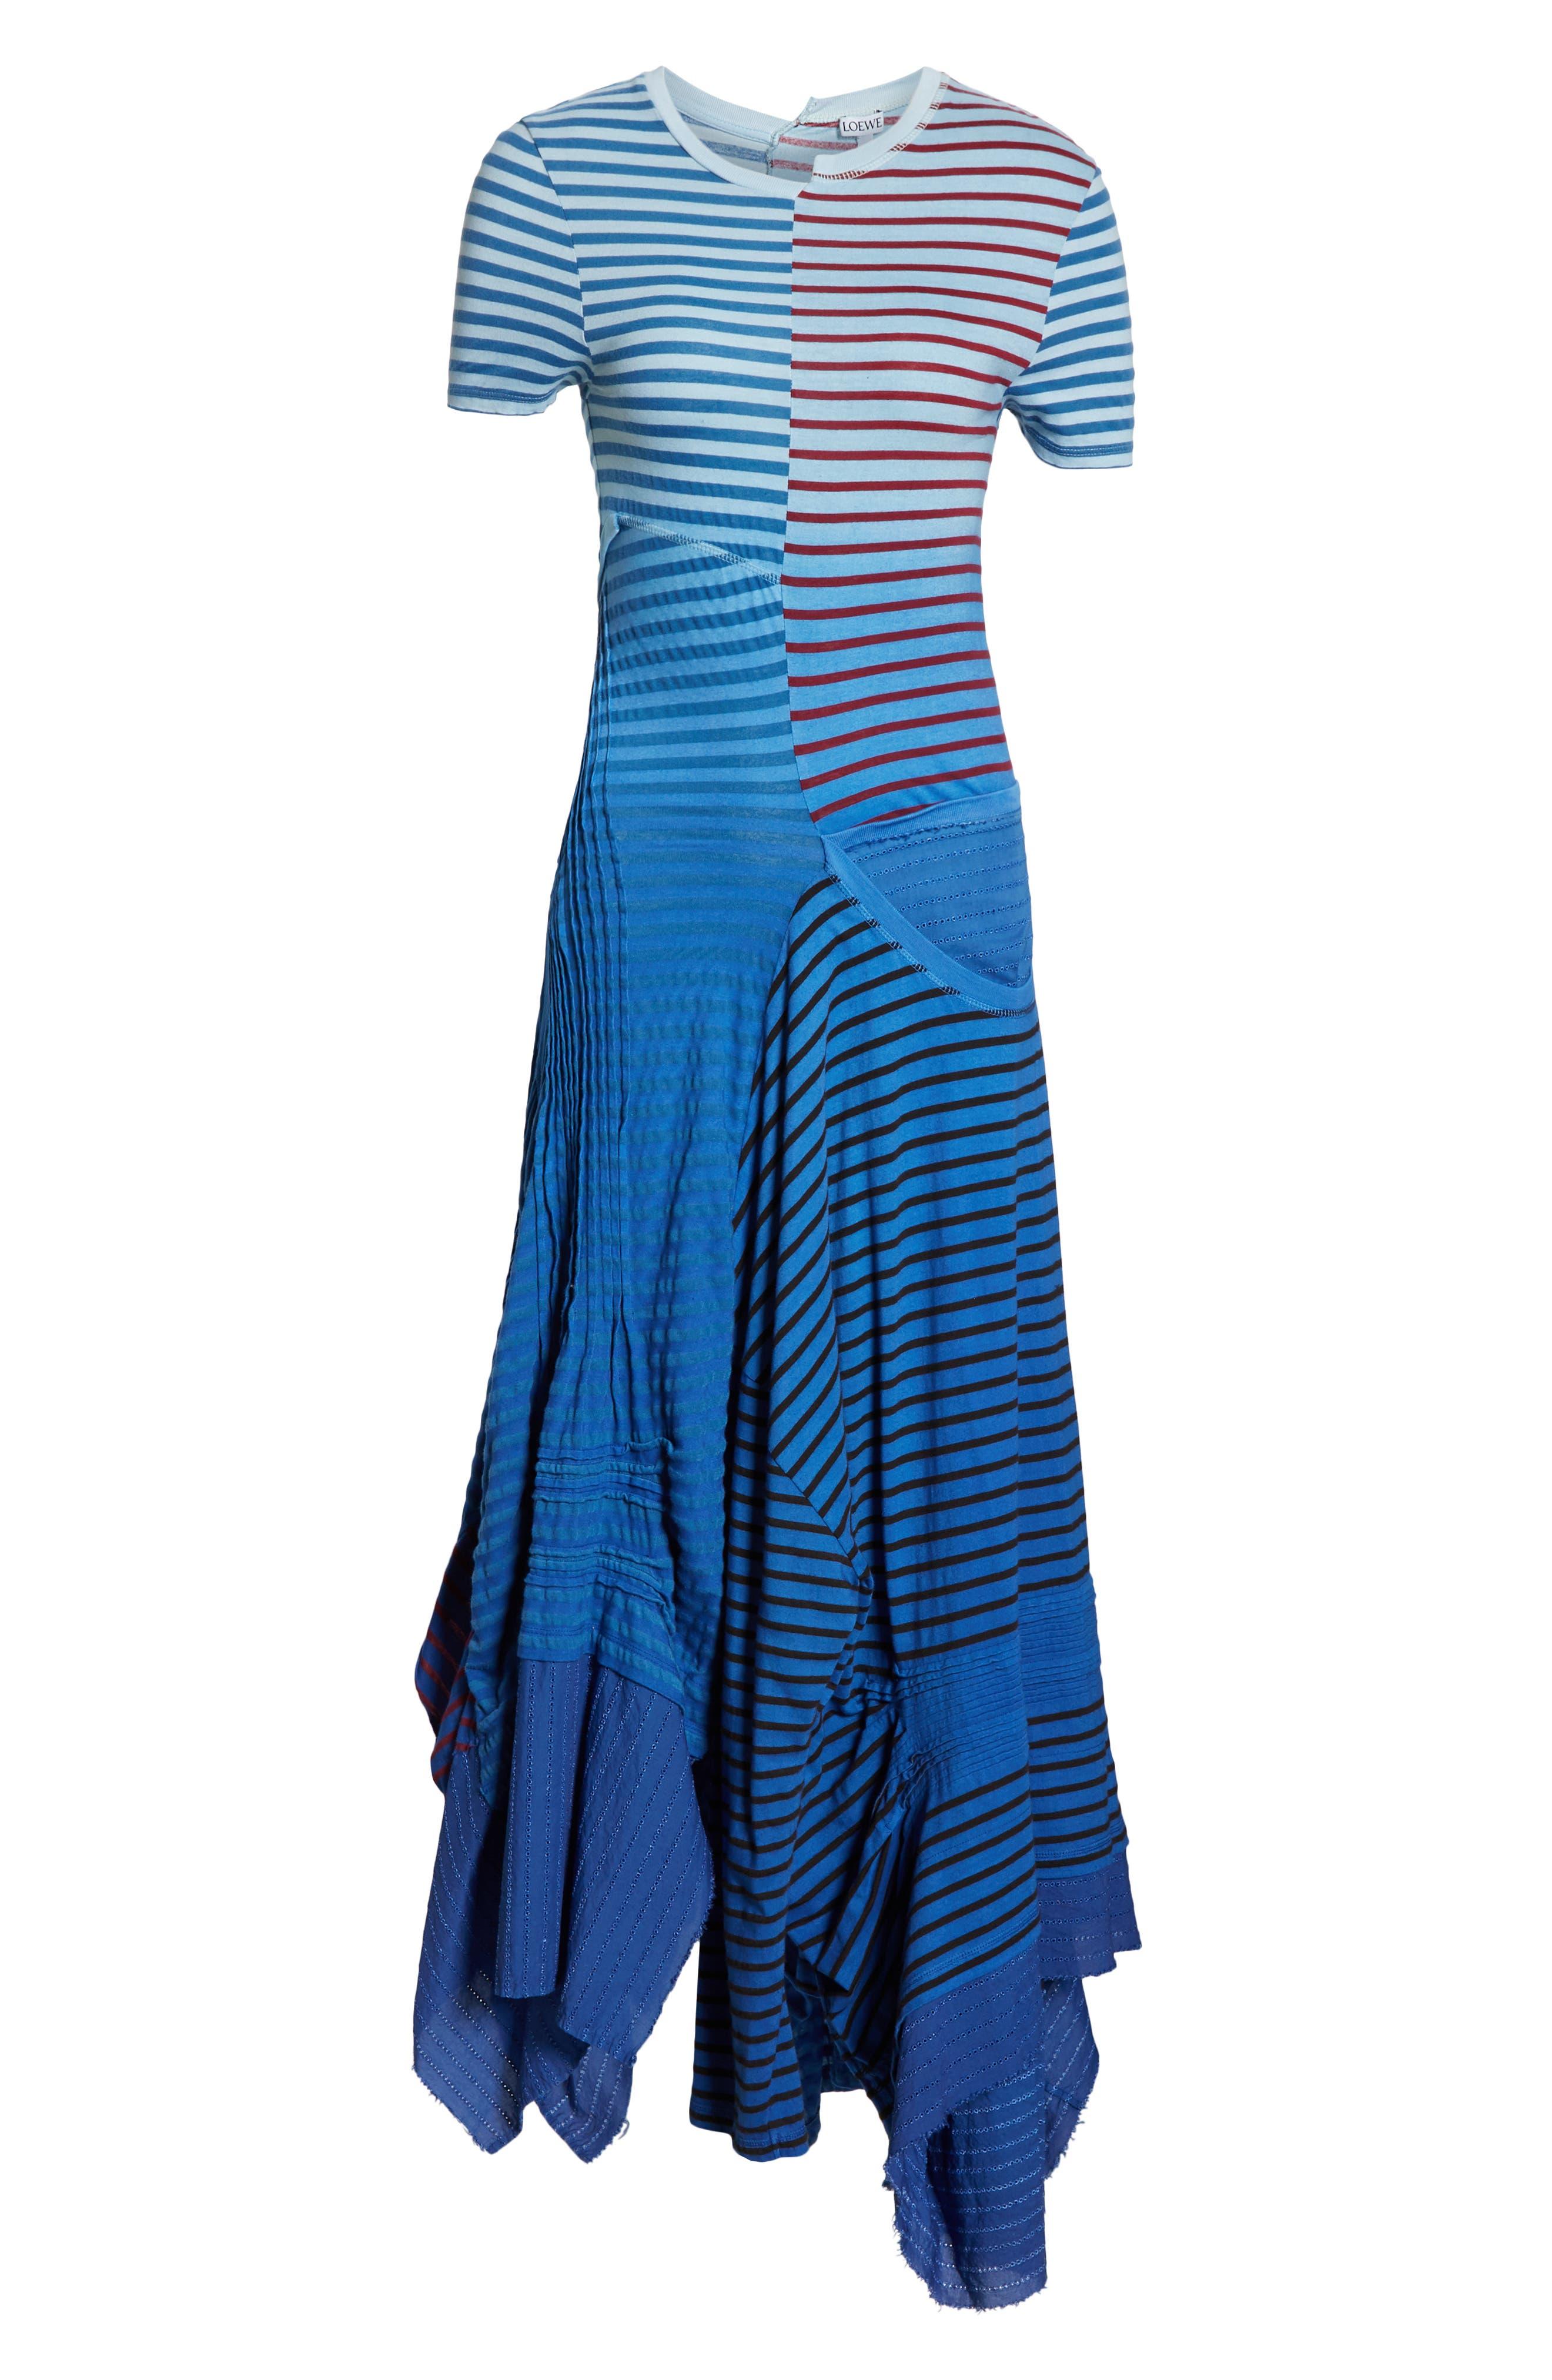 LOEWE,                             Stripe Tie Dye Asymmetrical Dress,                             Alternate thumbnail 6, color,                             5100 BLUE